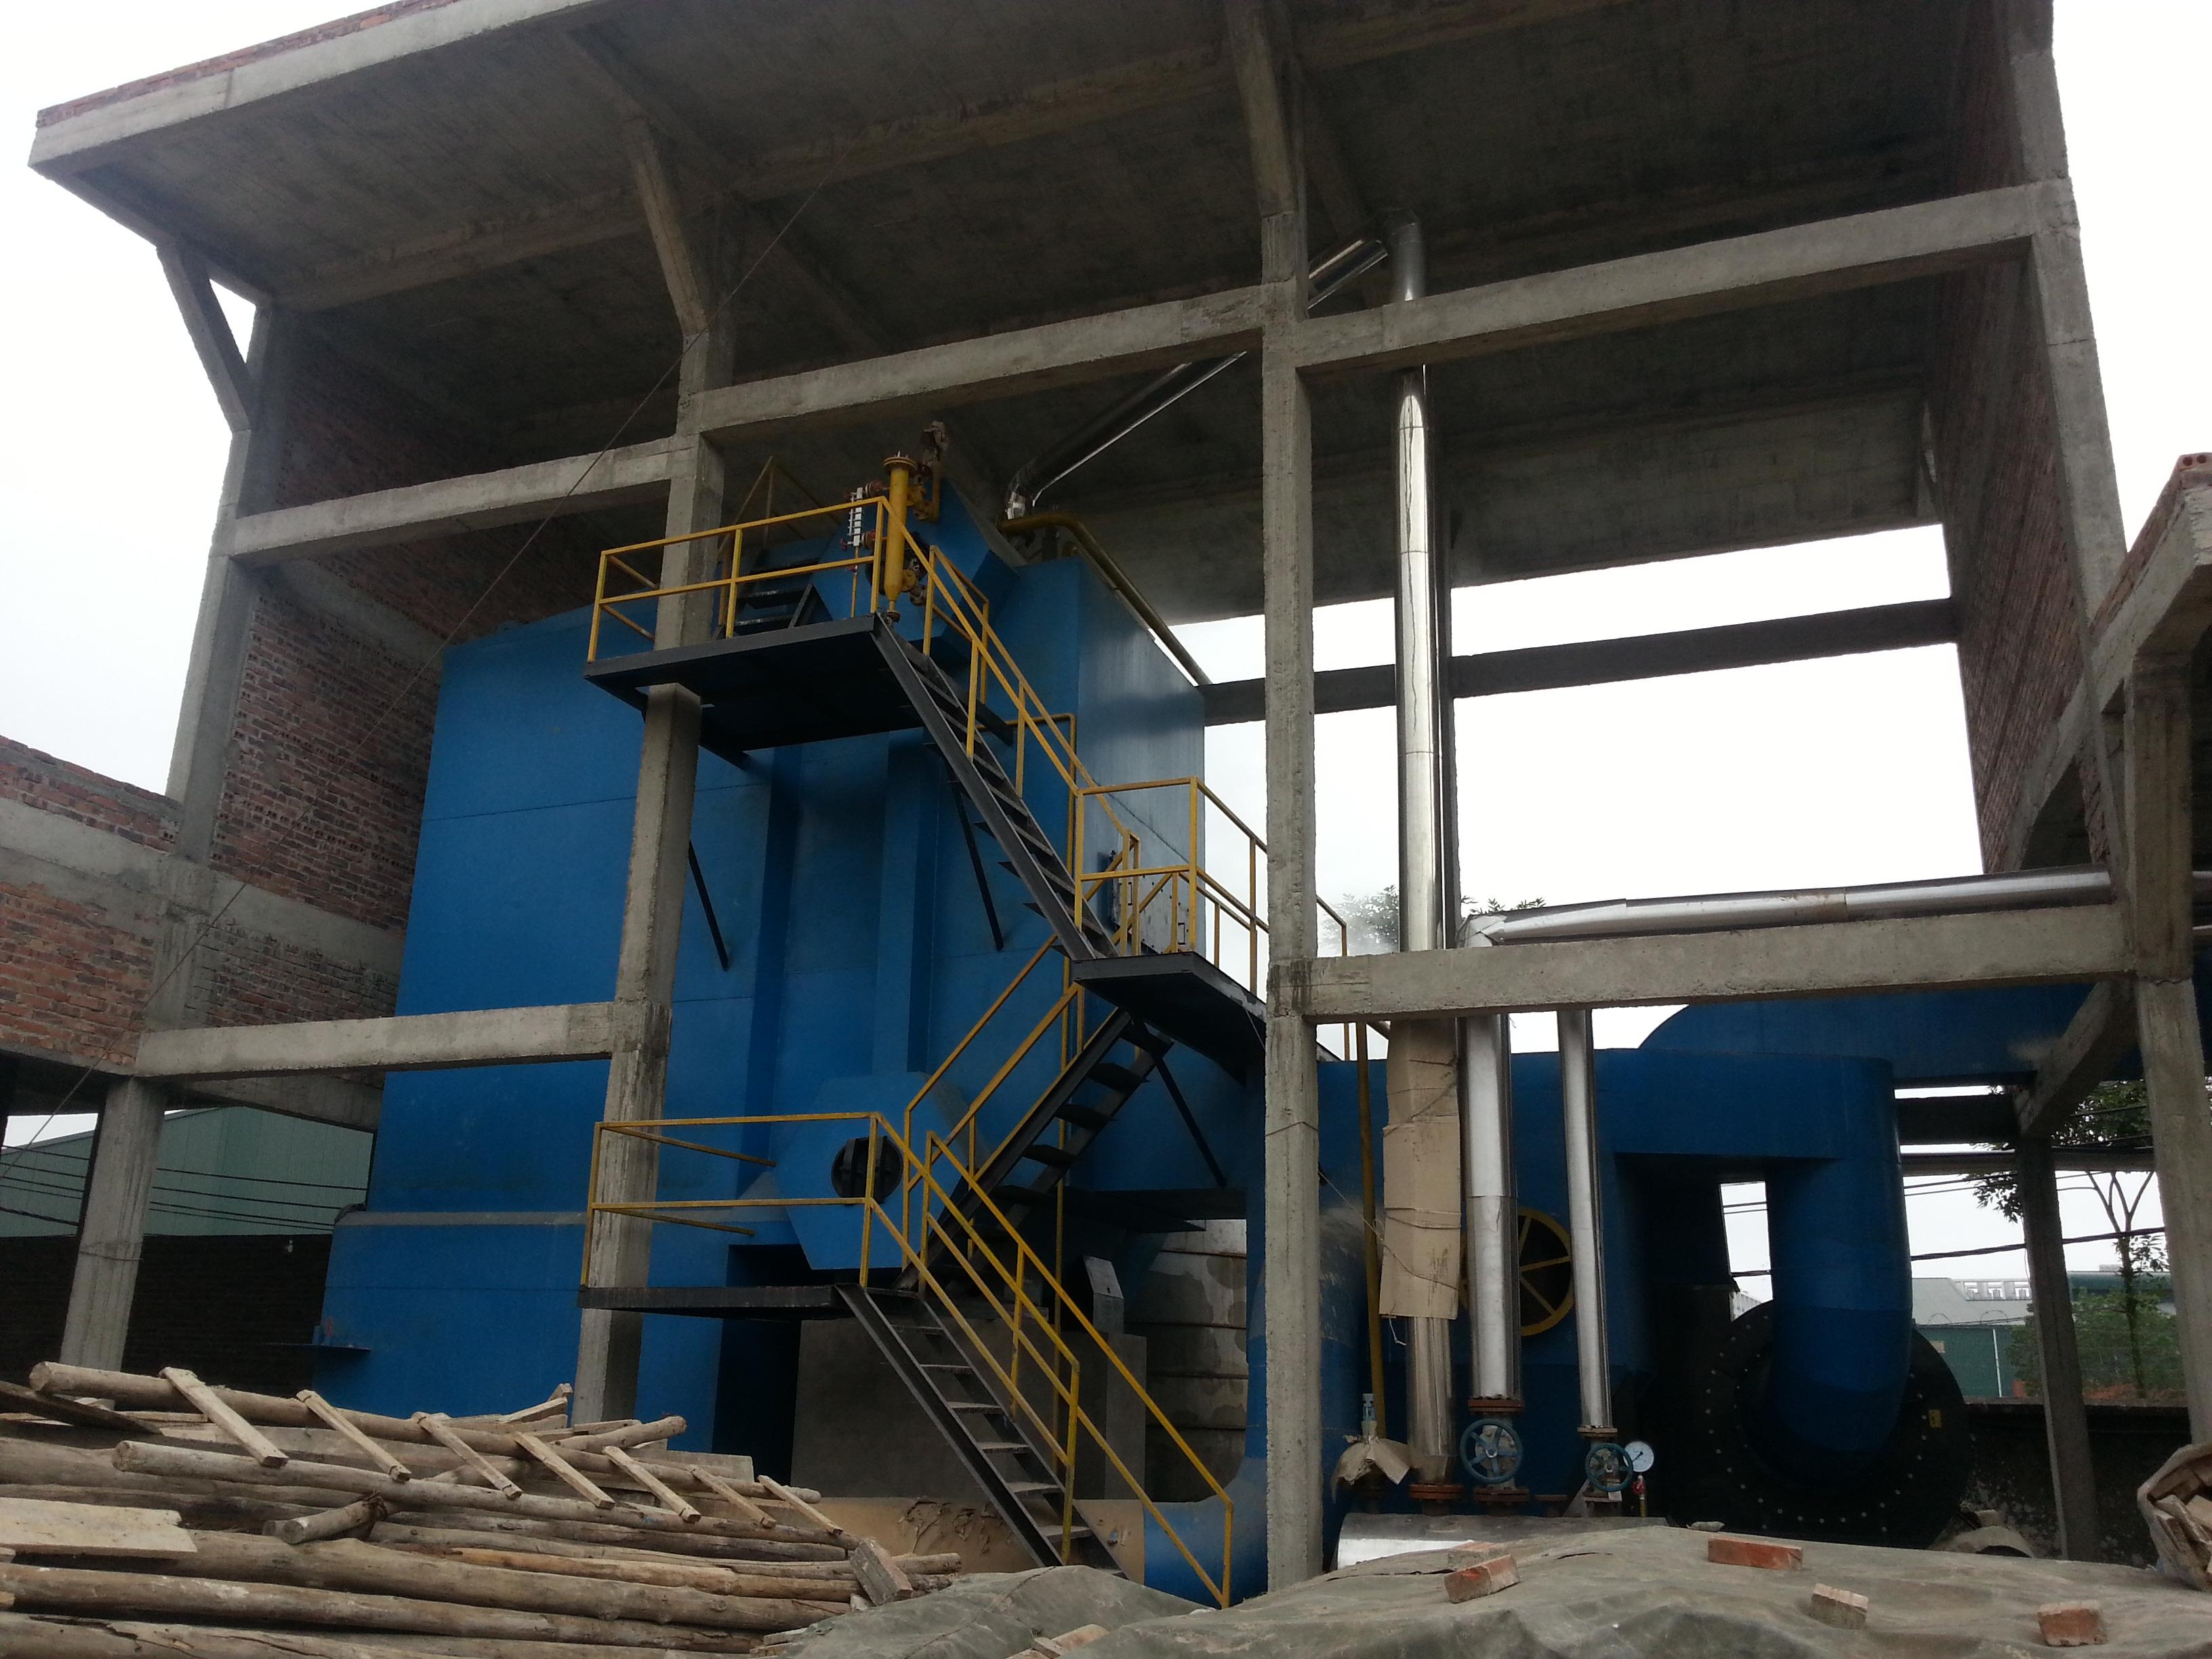 Hưng Tiến Việt - Triển khai thiết kế - chế tạo và lắp đặt nồi hơi tầng sôi cho Công ty CP Tiến Thành tại huyện Quế Võ, Bắc Ninh. ☎ 0903.226.212 #noihoitangsoi #lohoitangsoi #noihoi #lohoi